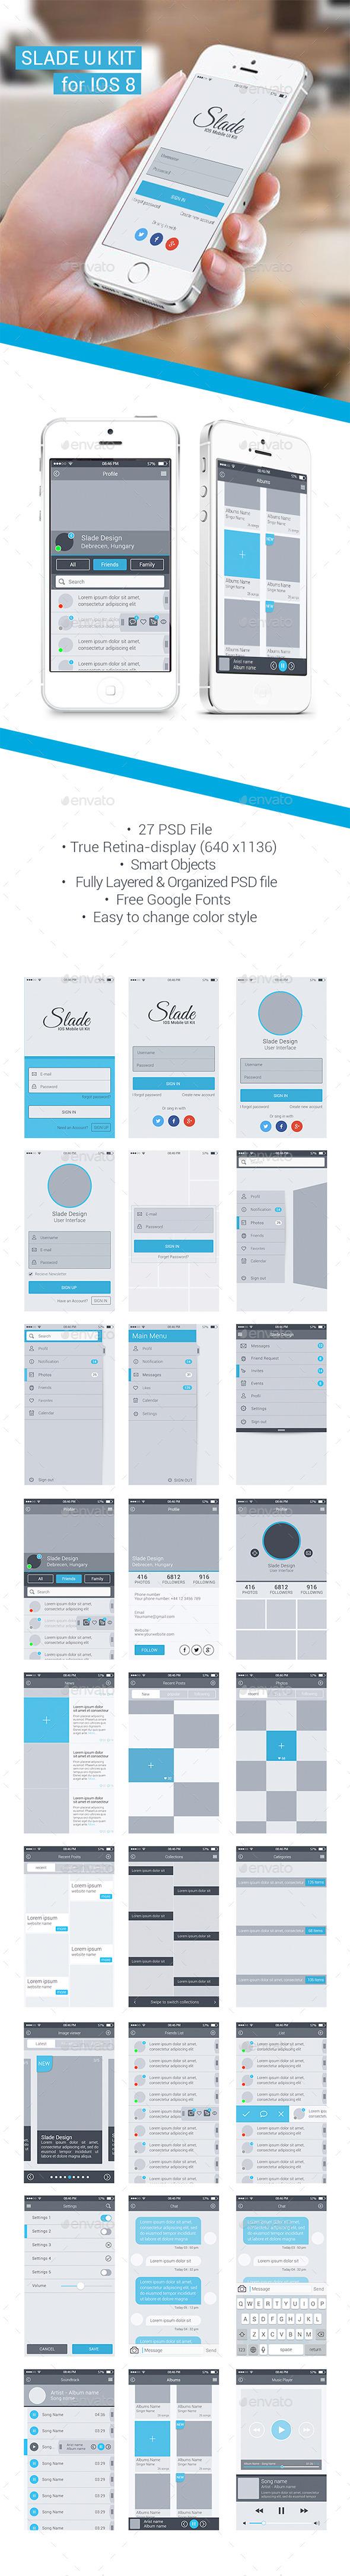 GraphicRiver Slade UI Kit For IOS 8 10622582